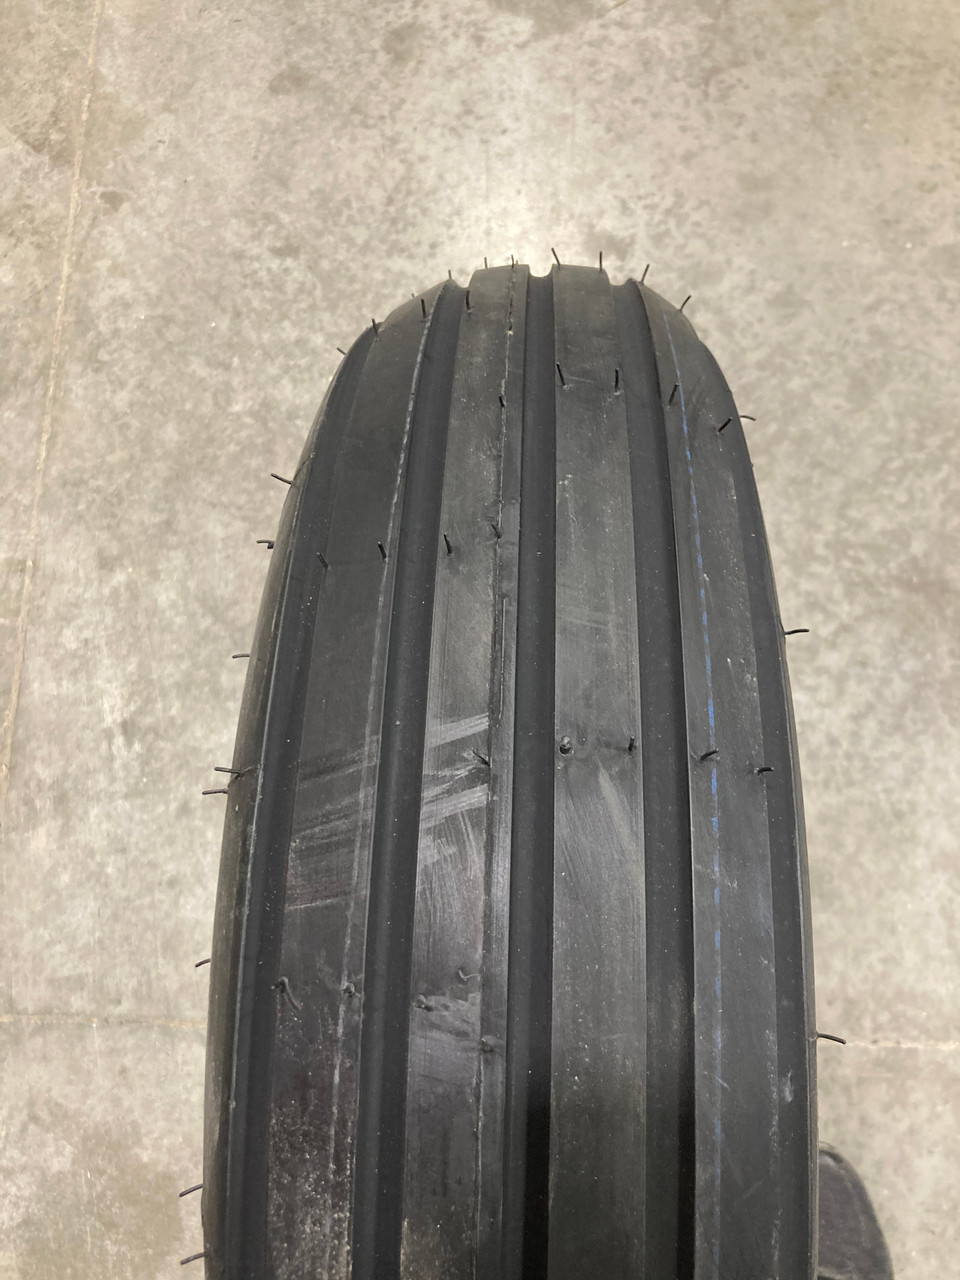 New Tire 9.5 L 14 Speedways Rib Implement 8 Ply TL 9.5L-14